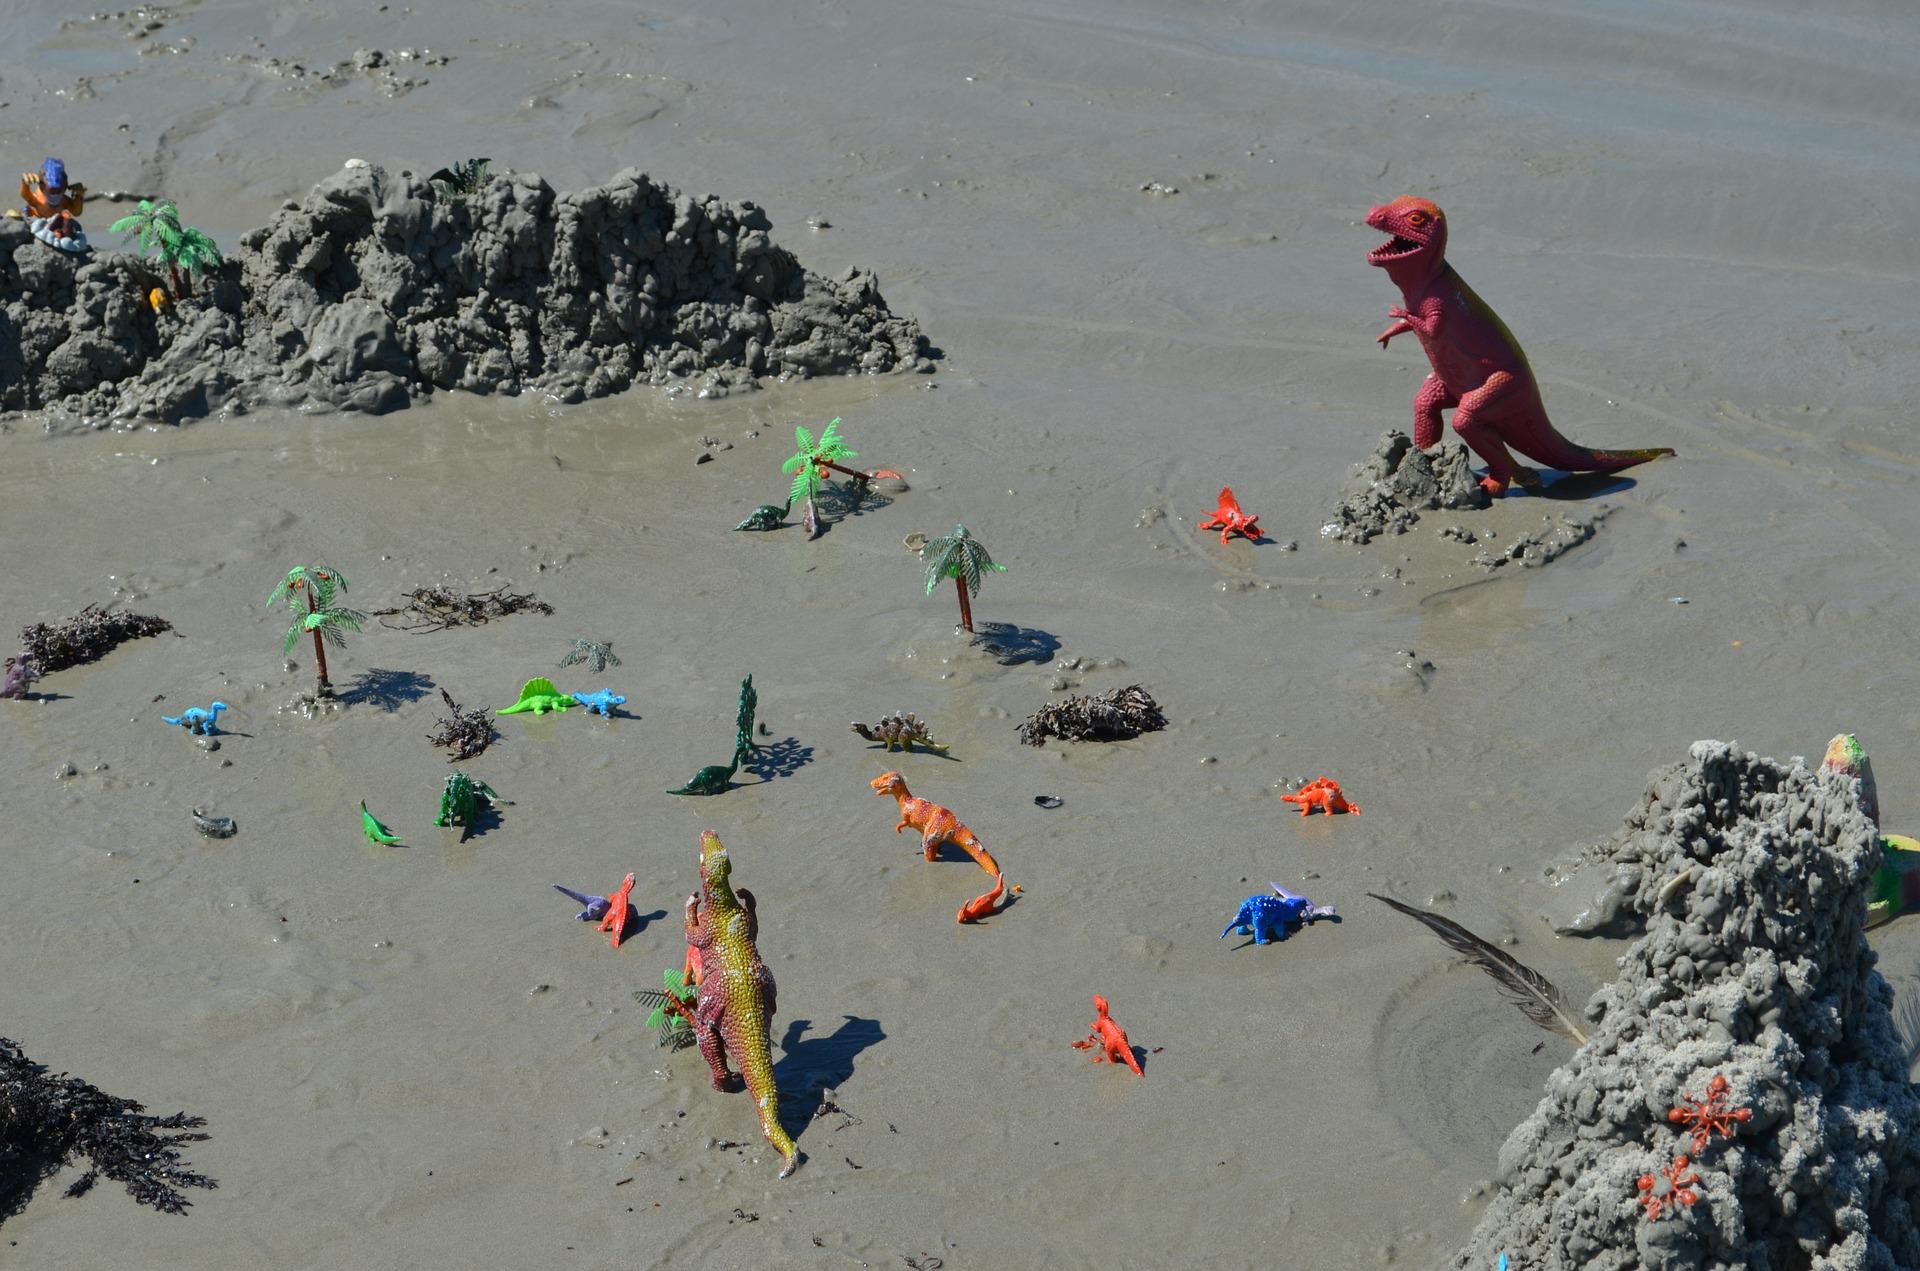 Imagem de dinossauros de brinquedo na areia da praia